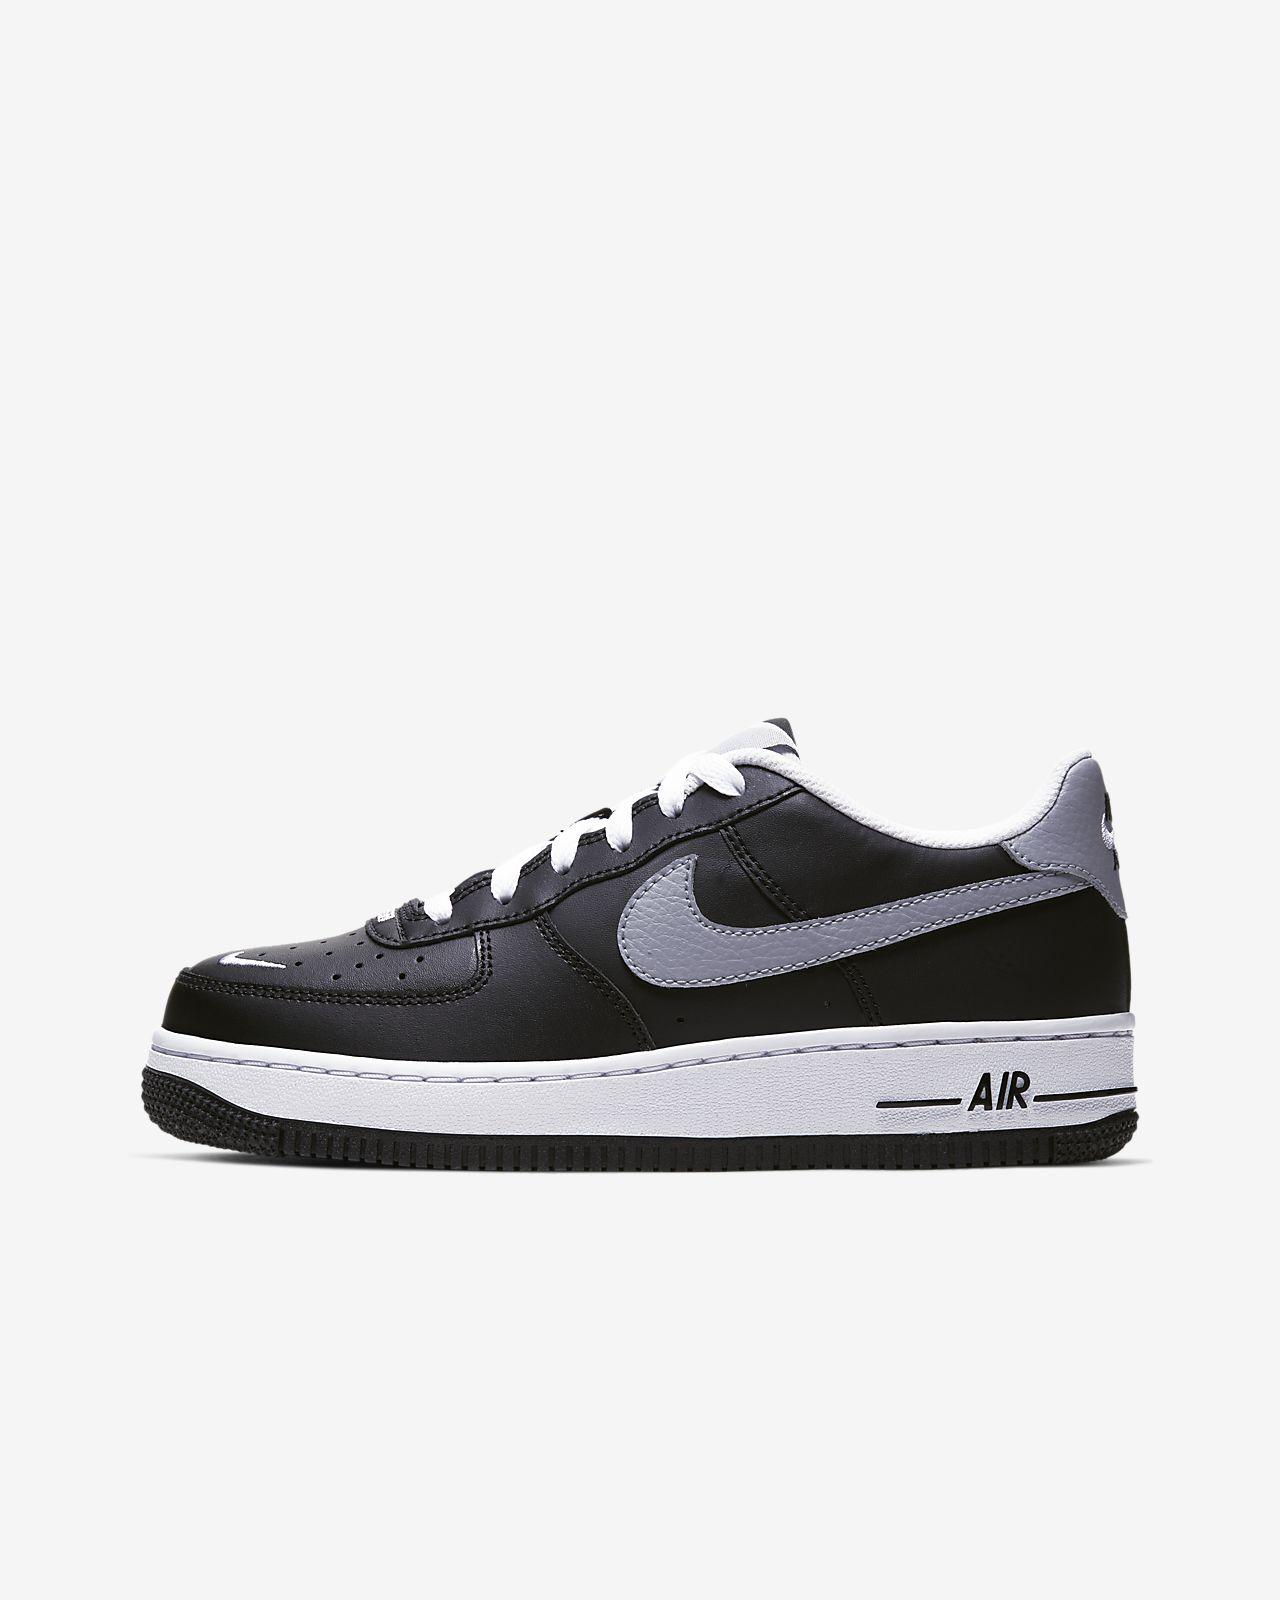 new images of retail prices size 7 Chaussure Nike Air Force 1 LV8 pour Enfant plus âgé